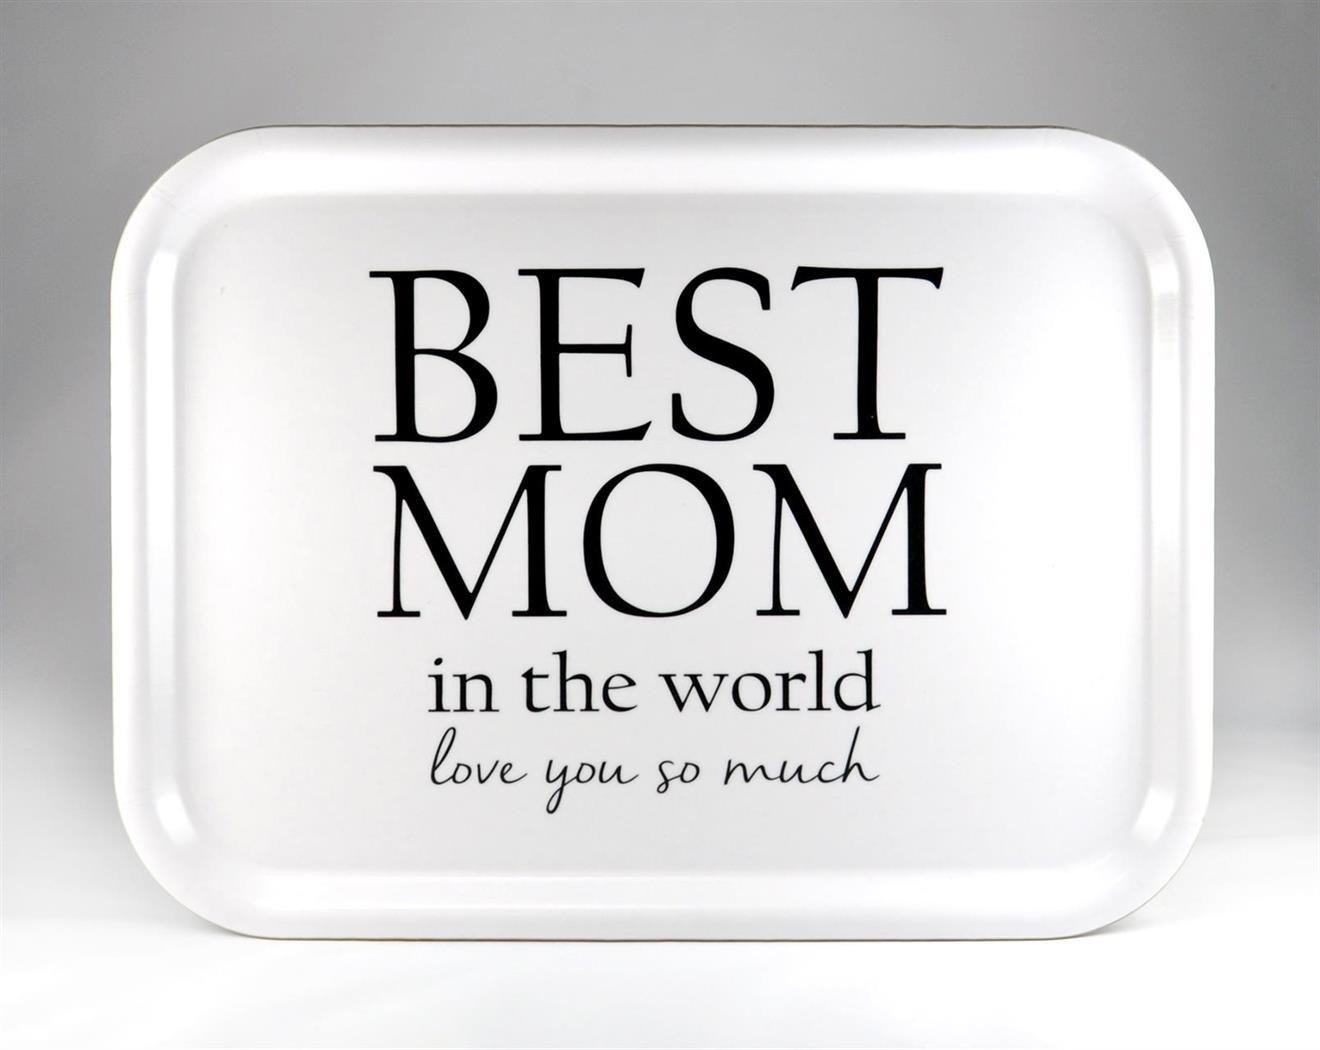 Bricka 27x20 cm, Best Mom, vit/svart text